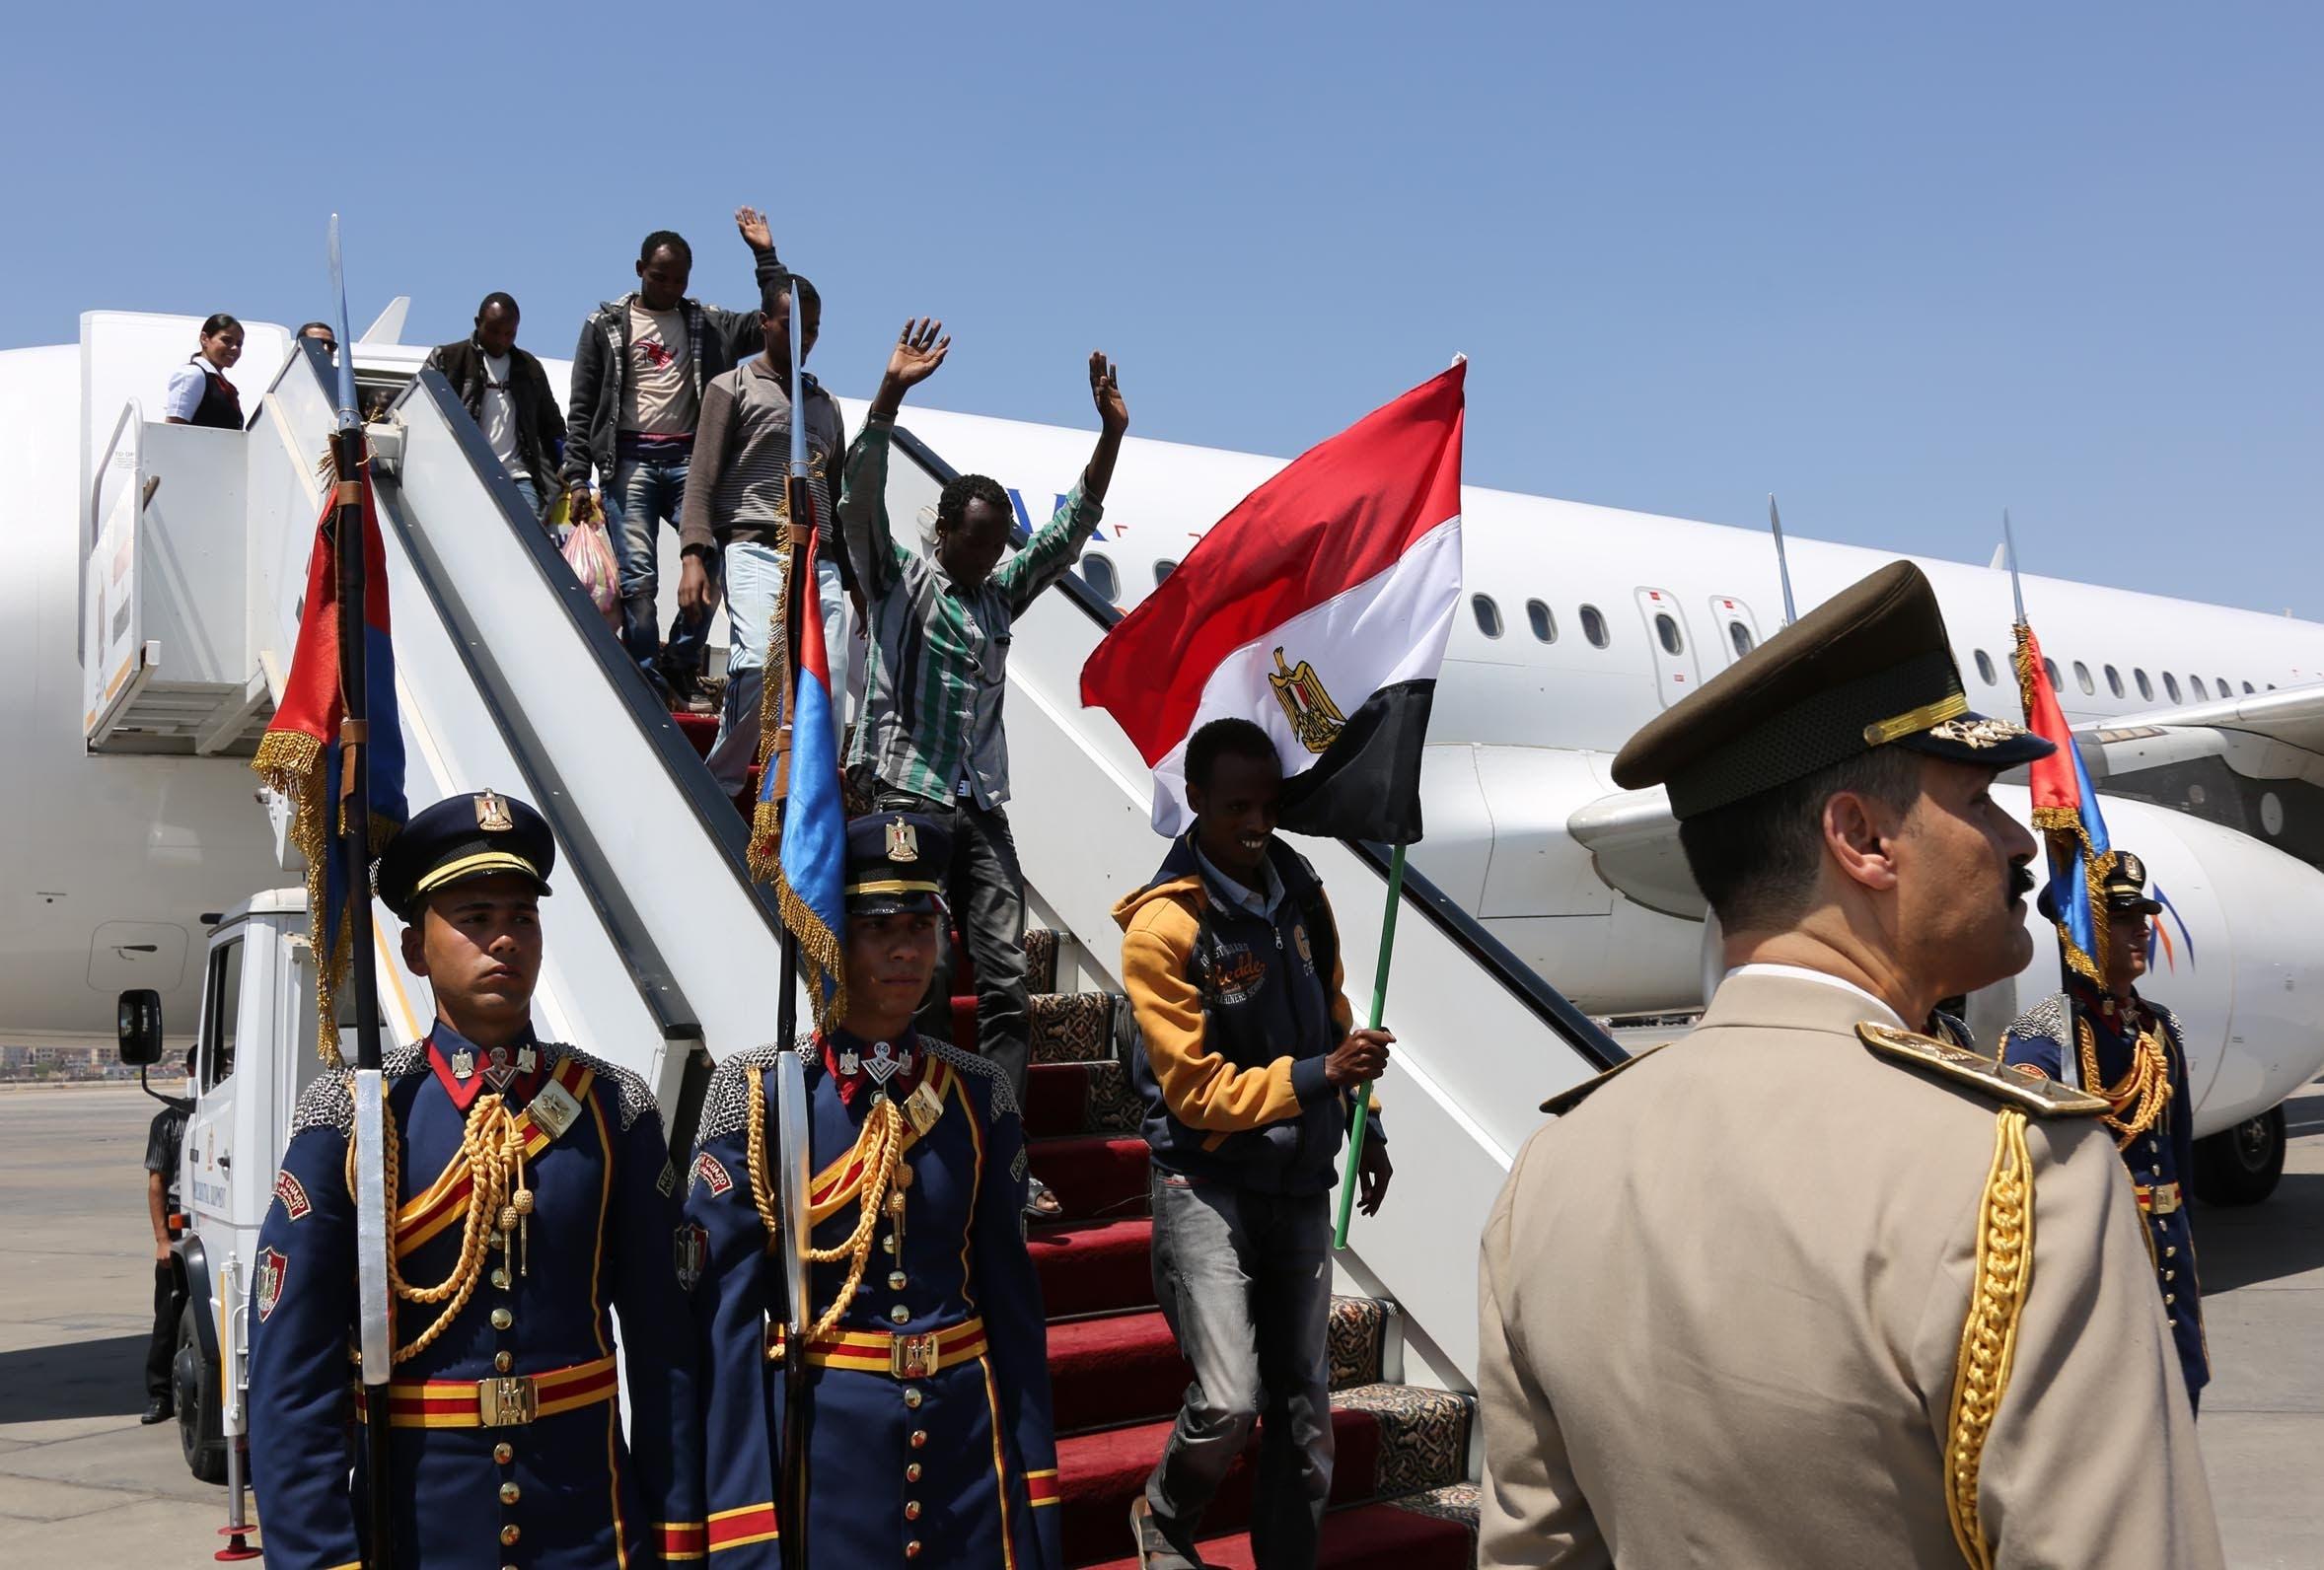 السيسي يستقبل 27 إثيوبياً بعد تحريرهم من داعش بليبيا 75bfdf38-3f90-464d-8c5a-d5e875f2b70d